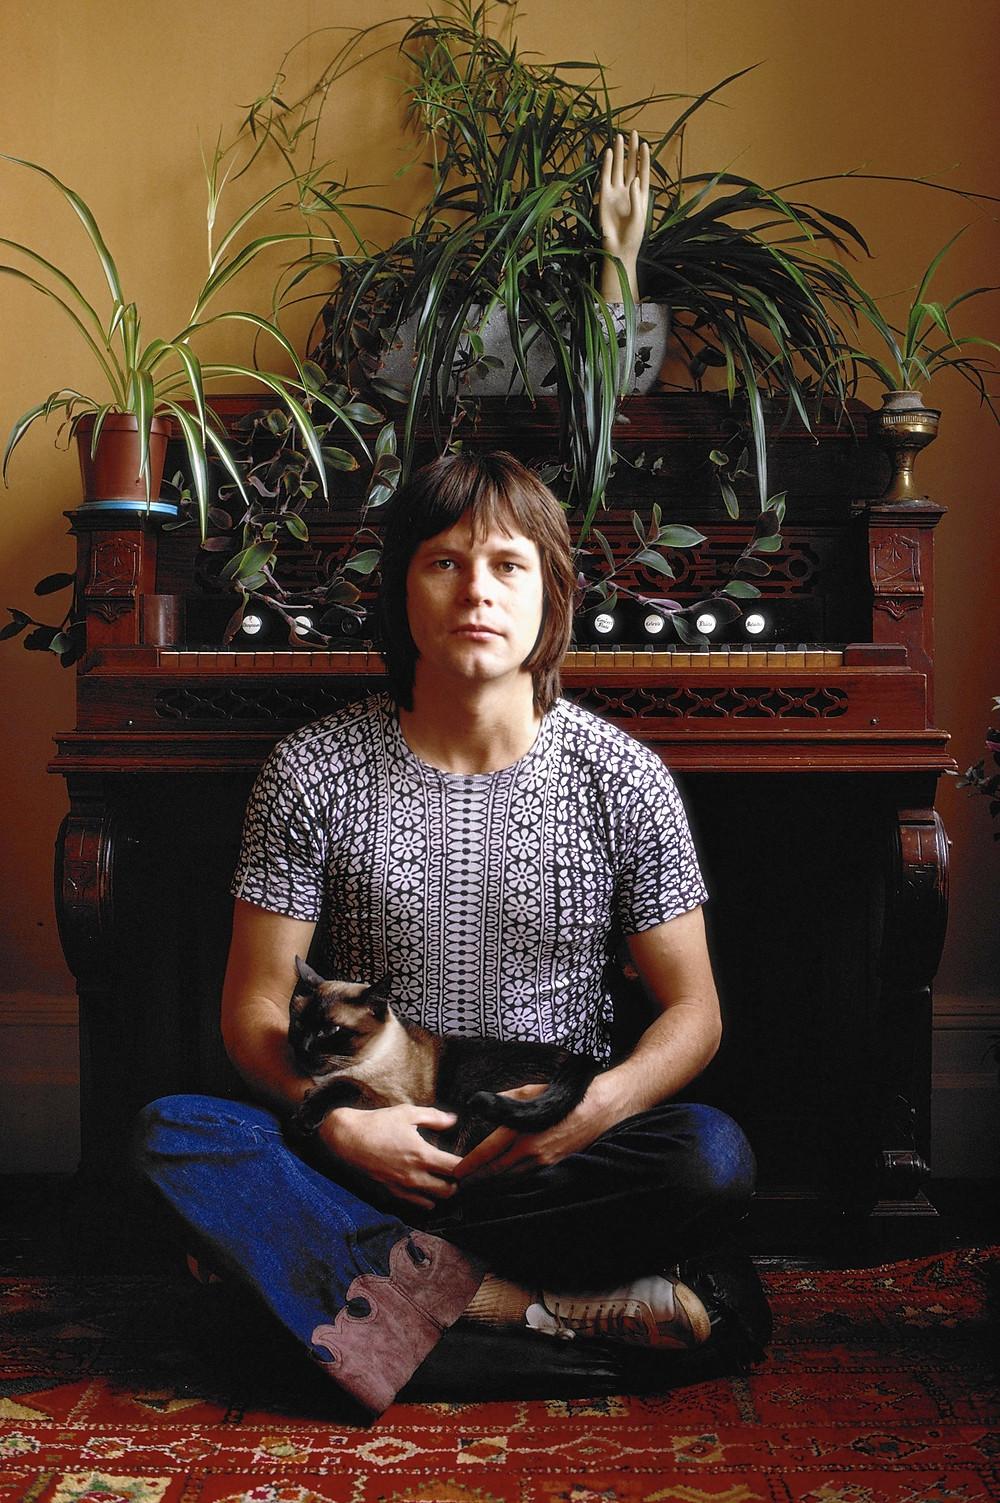 Le Roi Terry Gilliam Ier, fièrement installé sur trône, son royal fauve dans les bras...